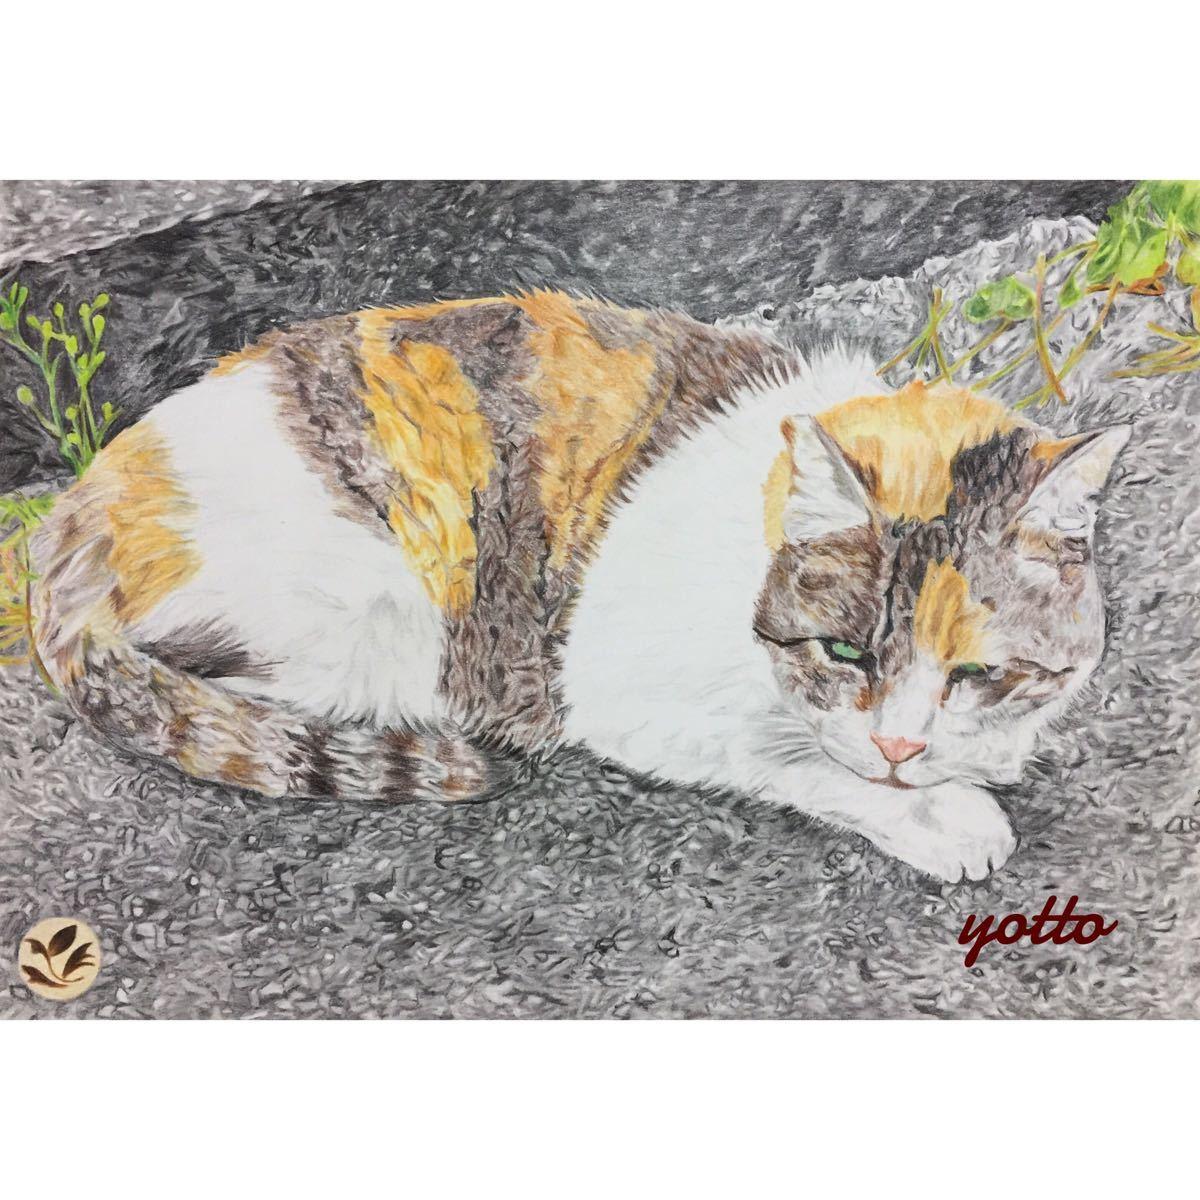 色鉛筆画「 居場所 」A4・額付き◇◆手描き◇原画◆猫◇◆yotto_画像1